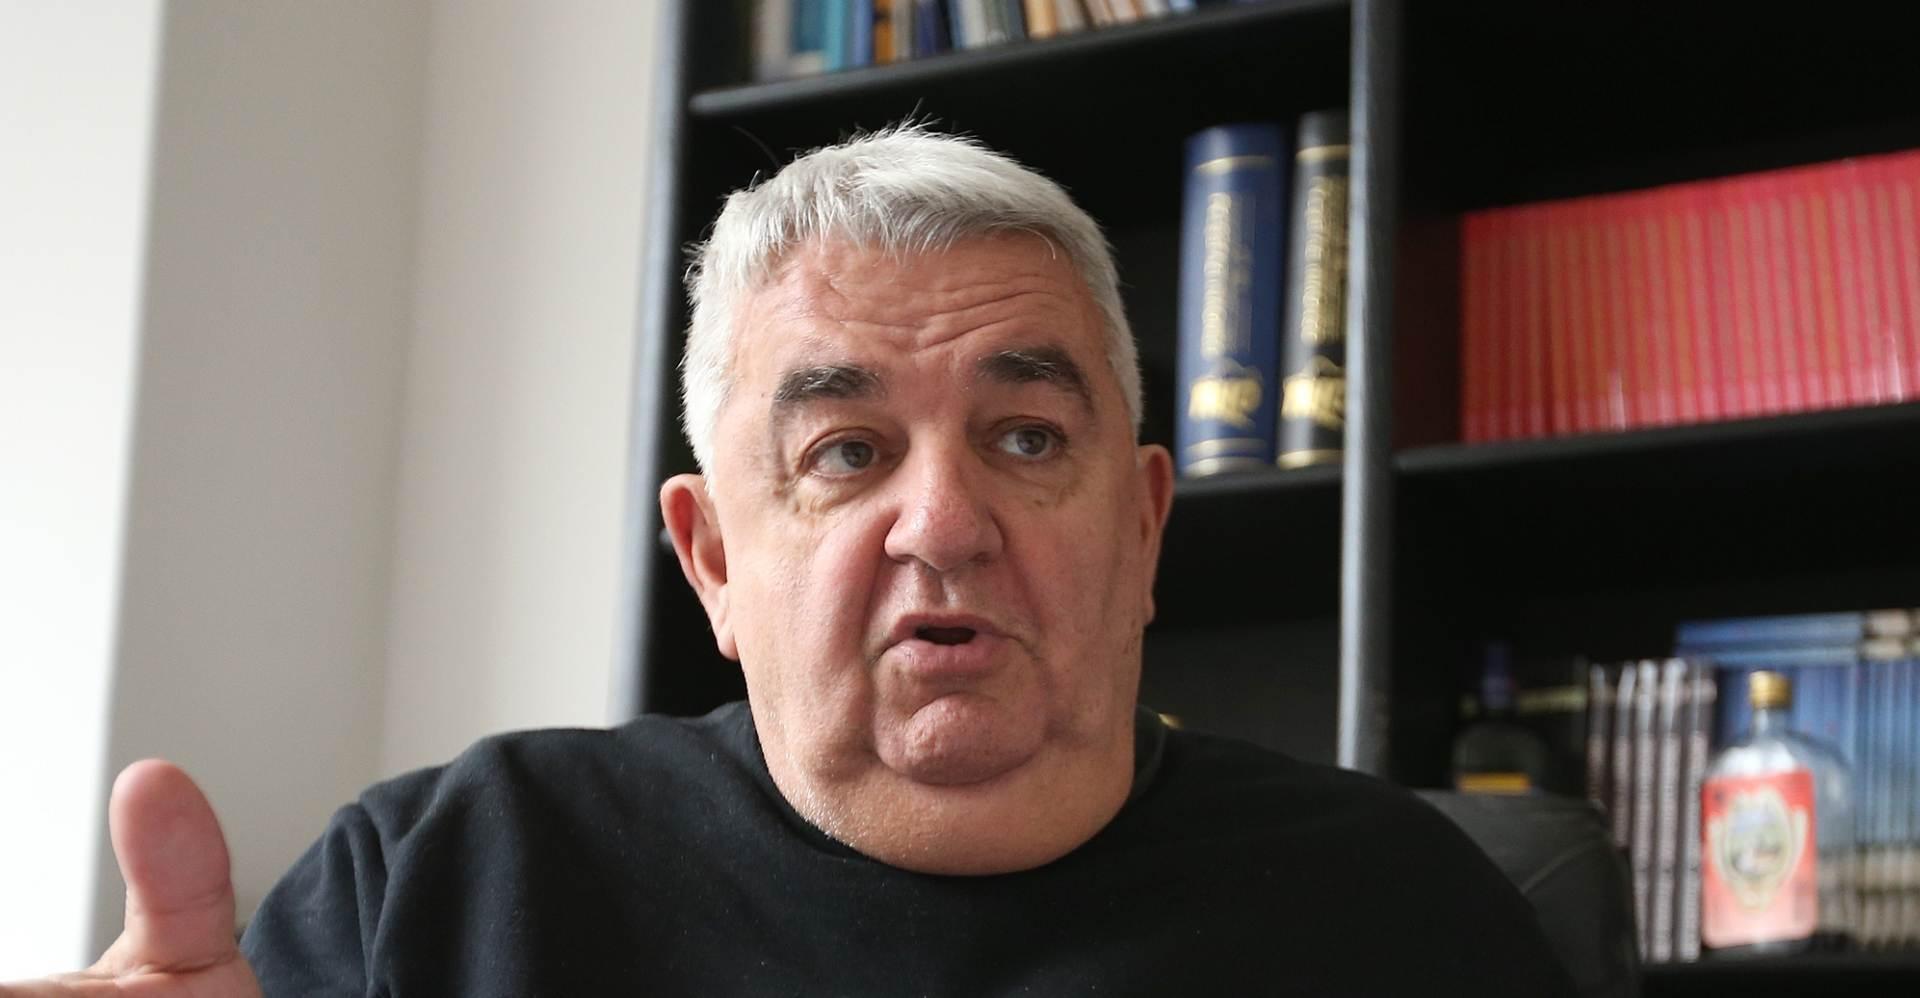 Čičak prozvao Plenkovića, šefa SOA-e i DORH-a zbog Todorićevih SMS-ova